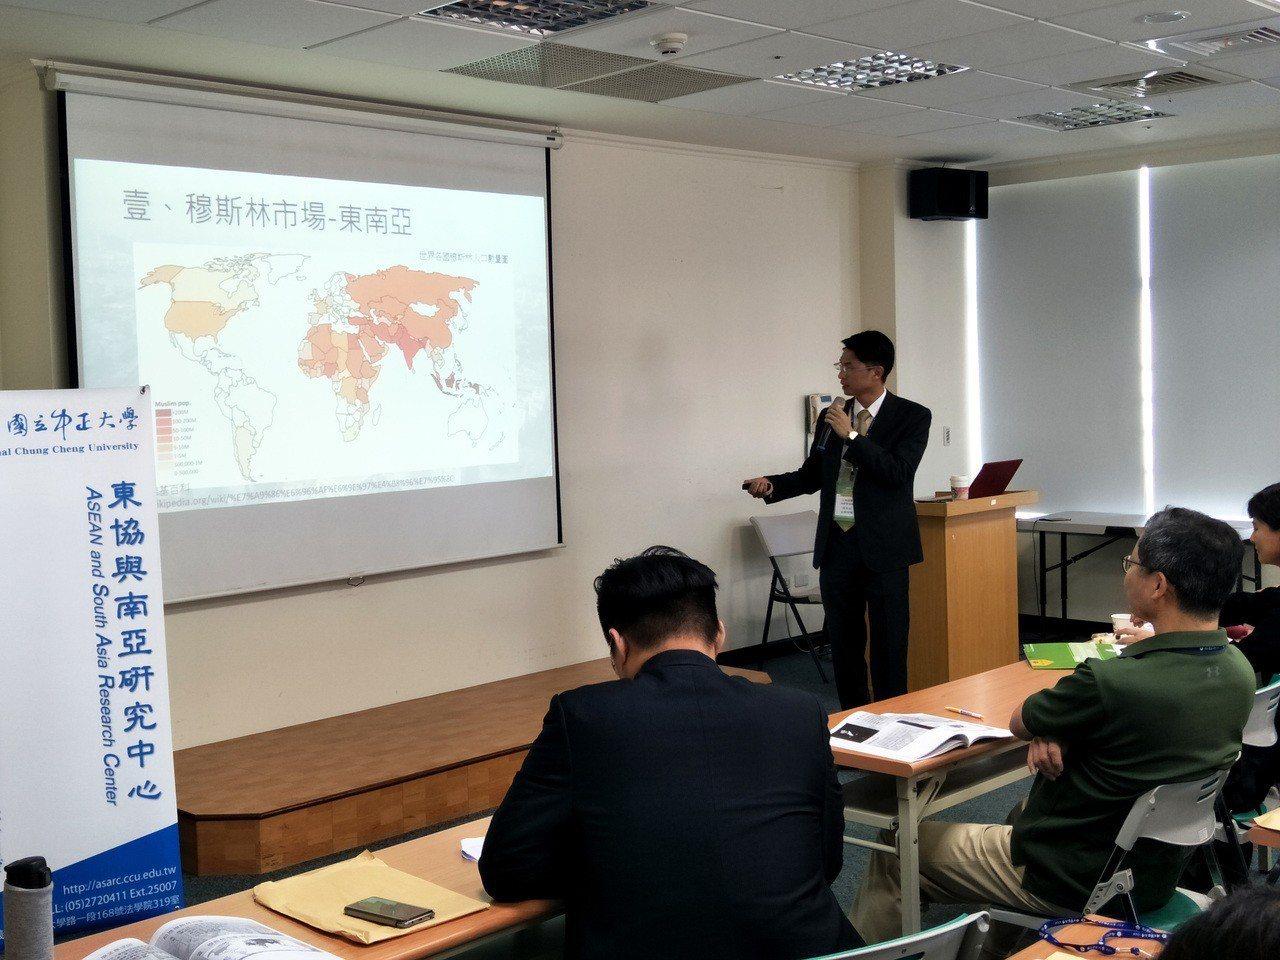 「中正大學東協與南亞研究中心」是目前少數包裹式提供清真認證、法務、稅務、通路、電...